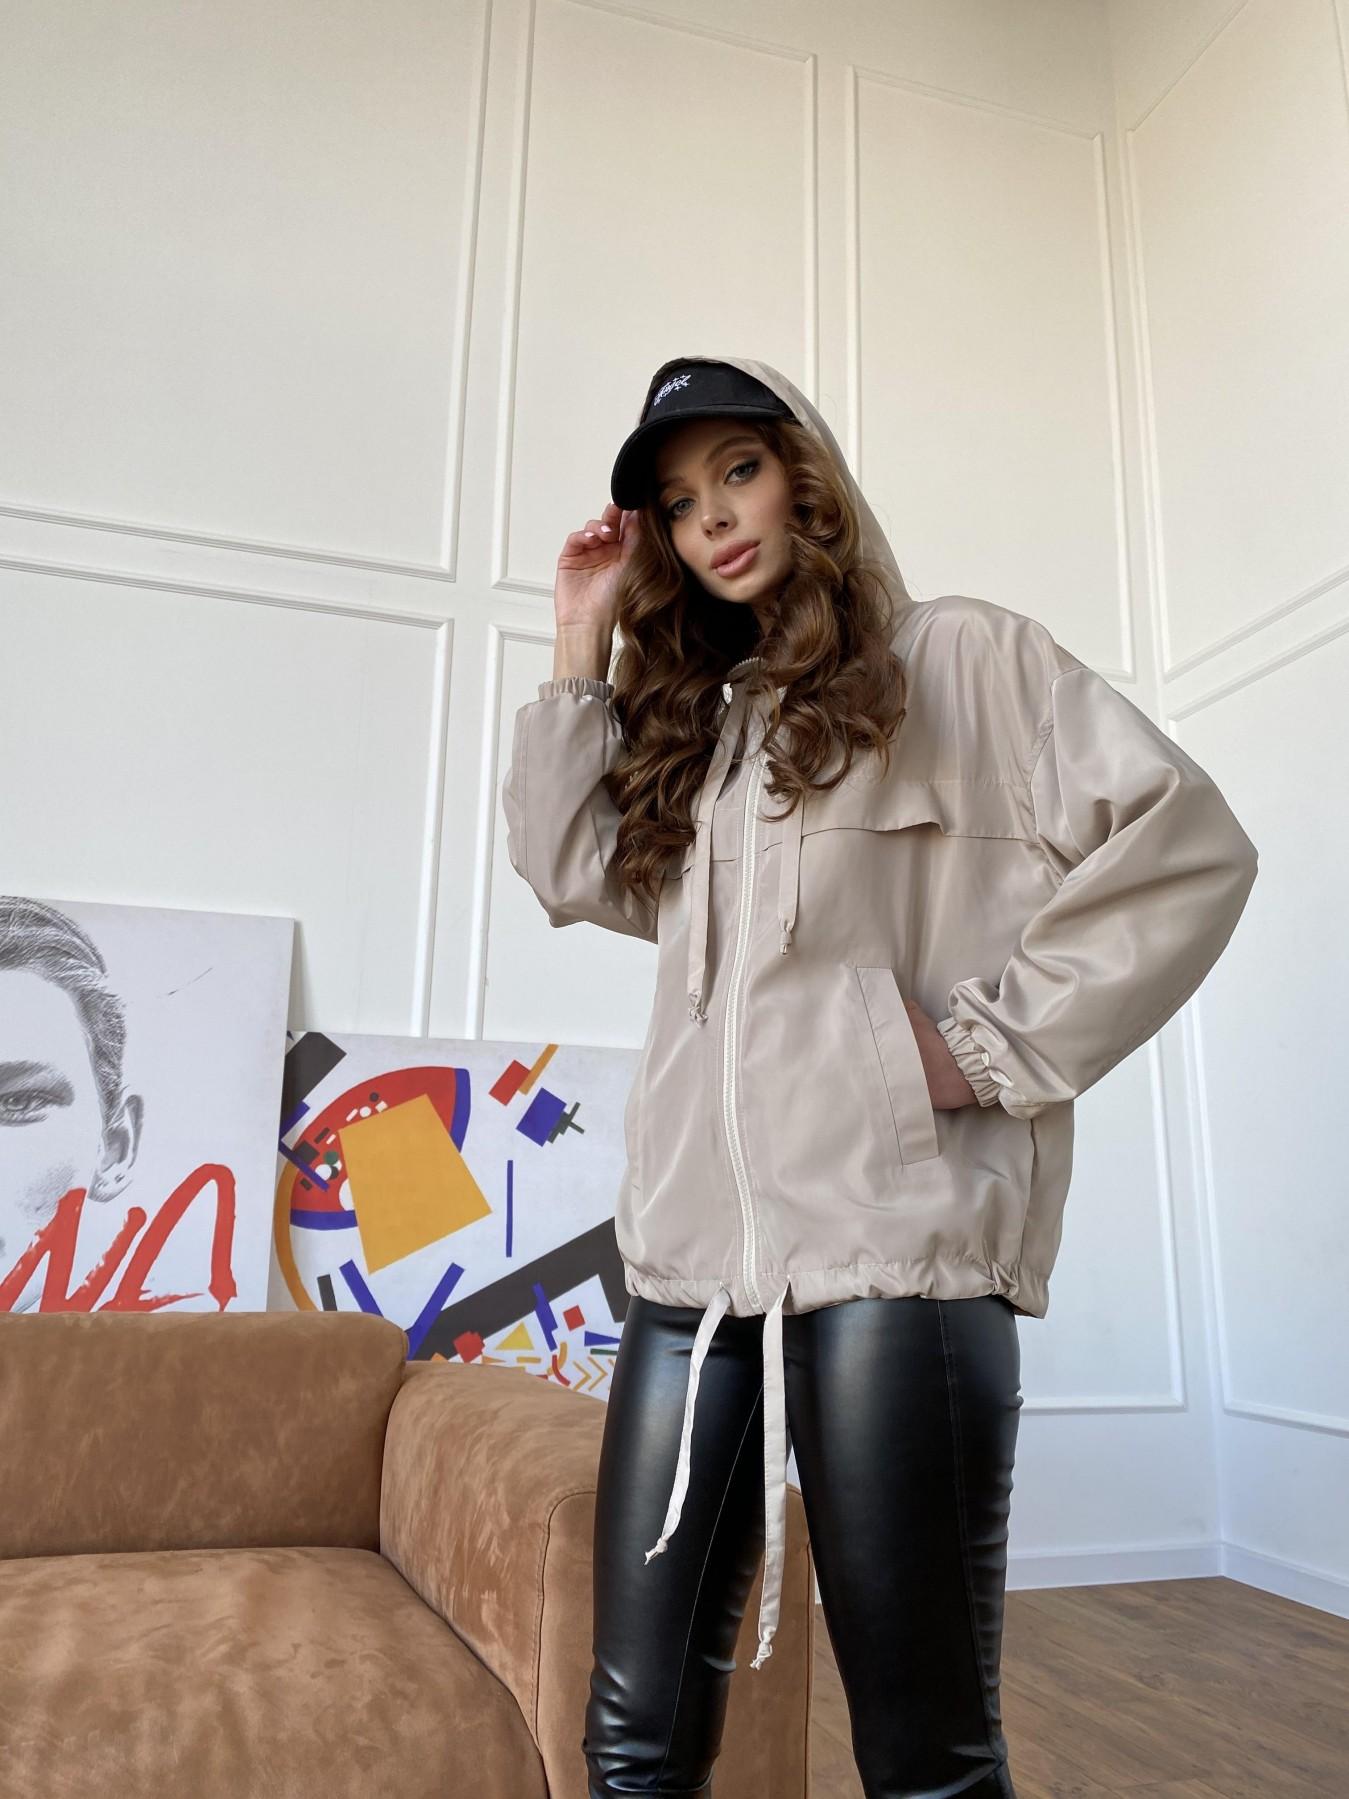 Фит куртка из плащевки Ammy 10971 АРТ. 47466 Цвет: Бежевый - фото 14, интернет магазин tm-modus.ru